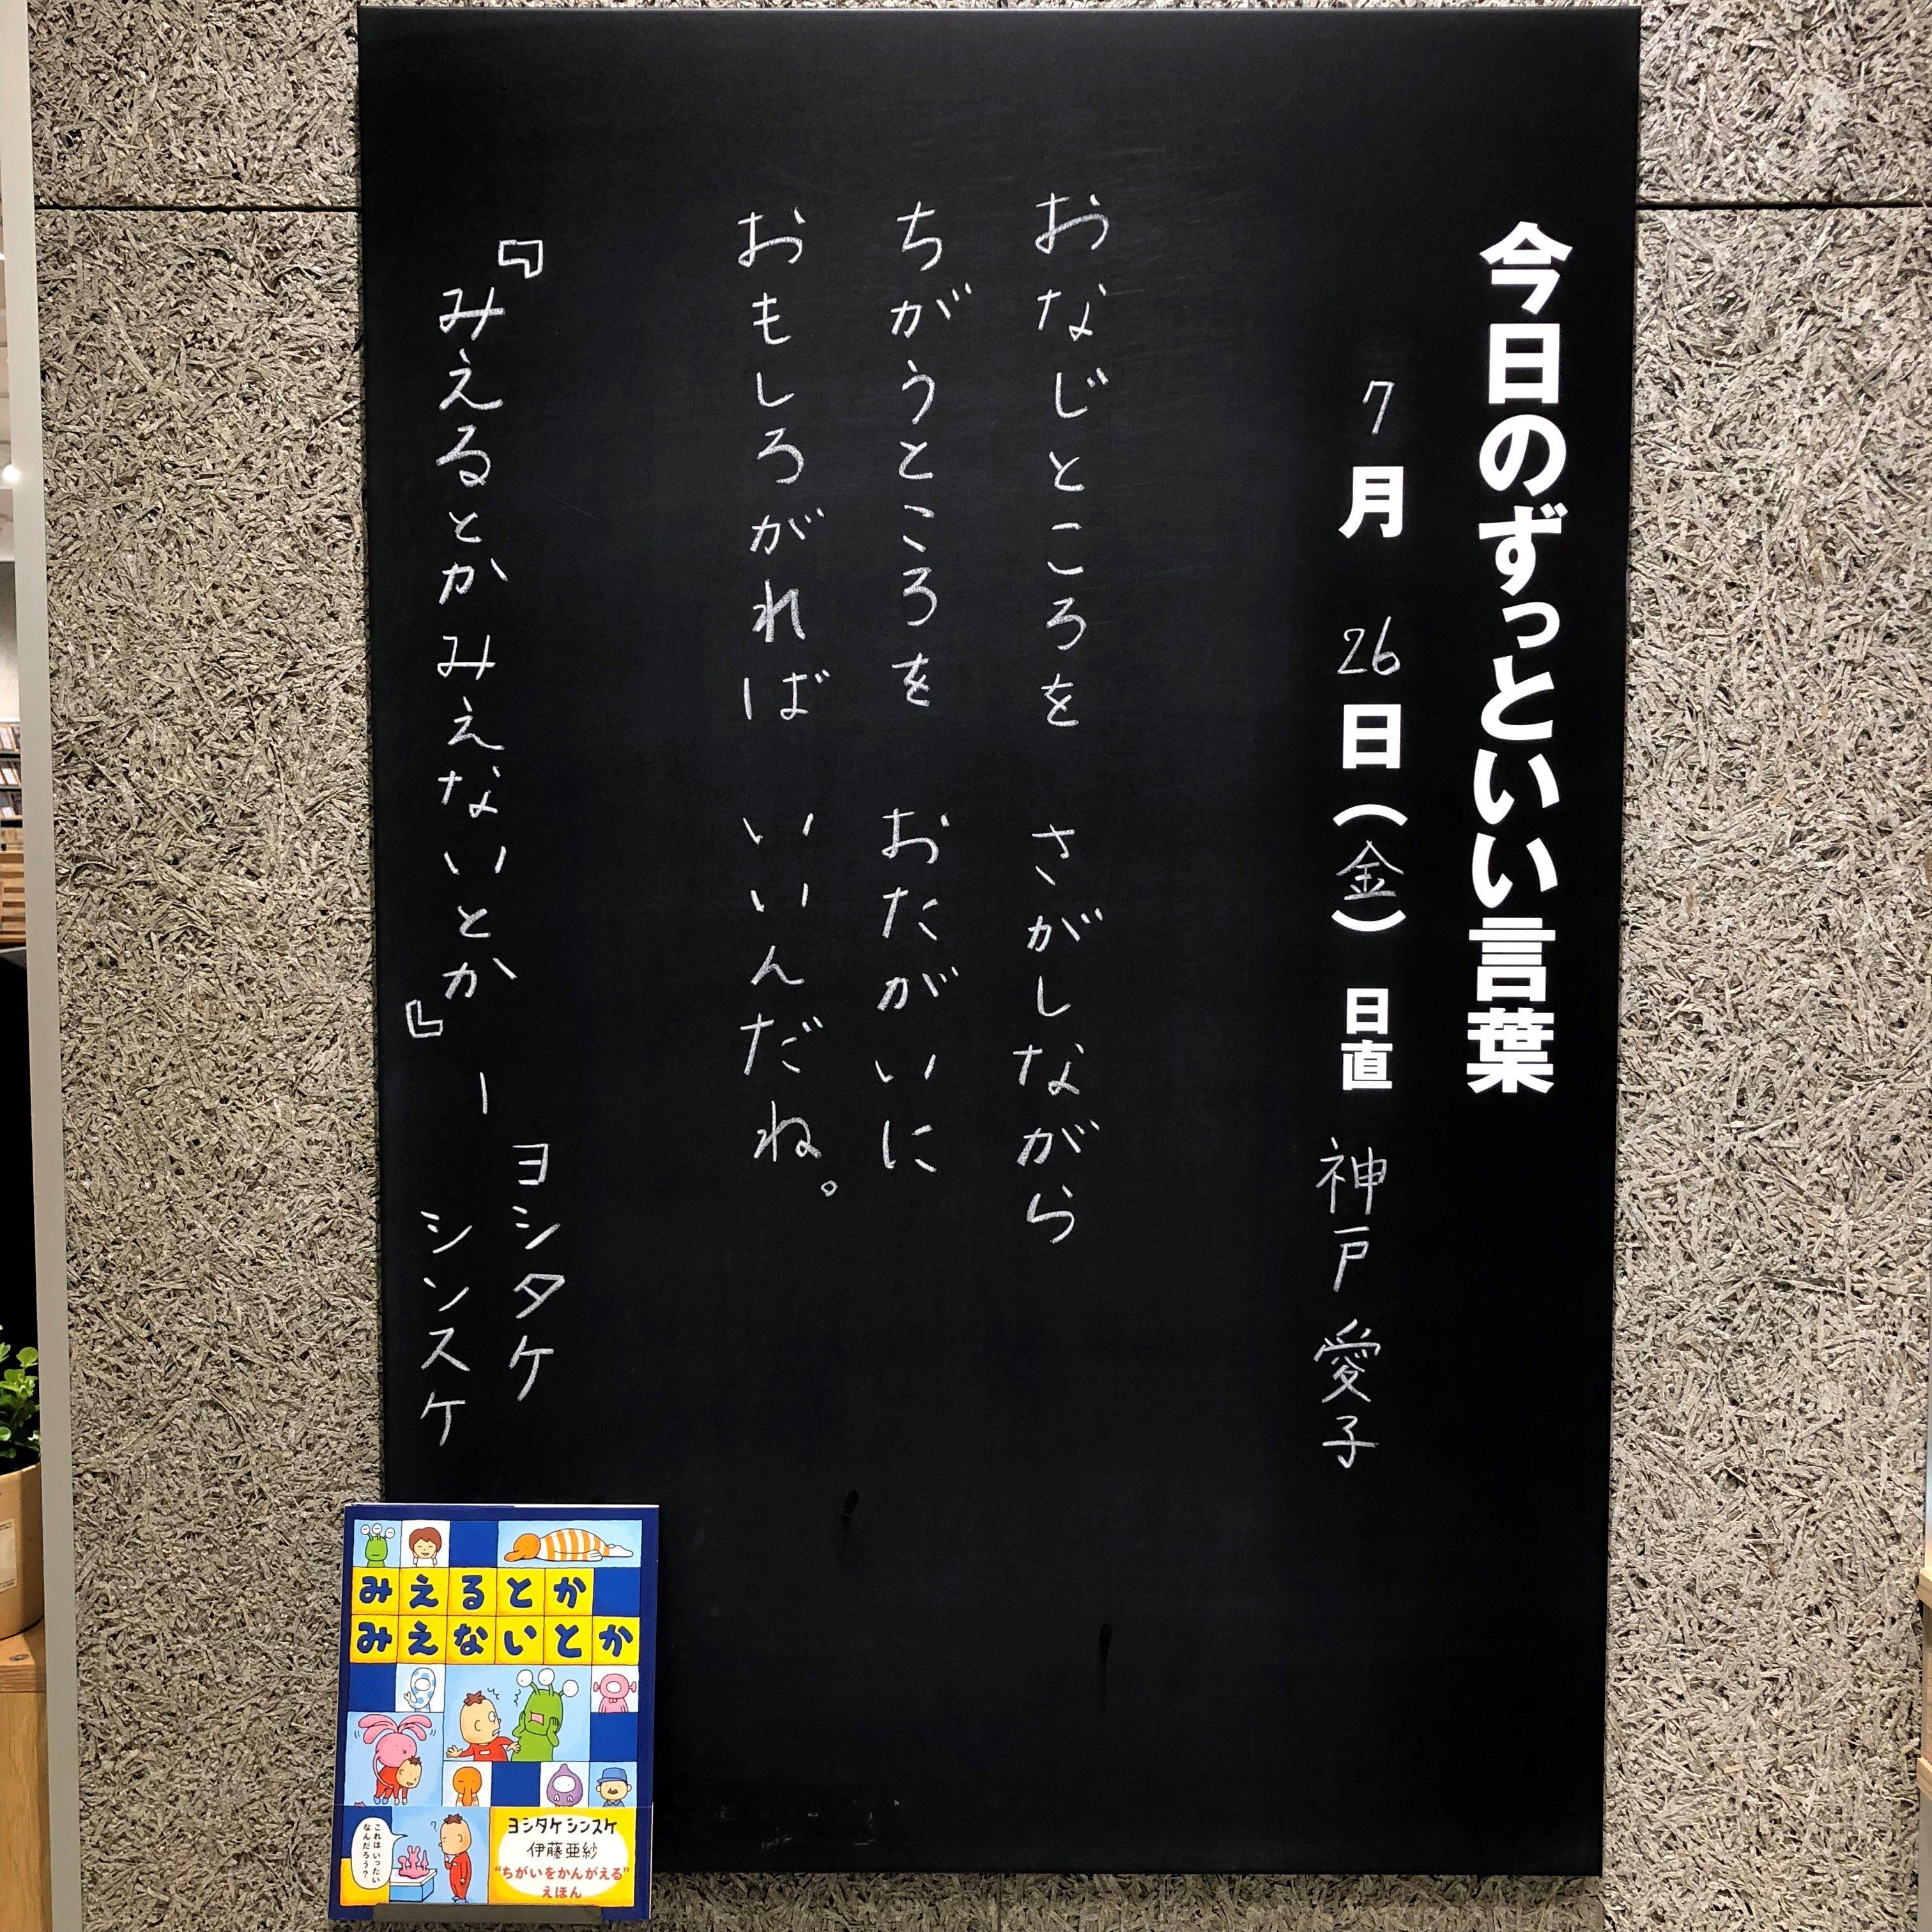 キービジュアル画像:【無印良品イオンモール松本】今日のずっといい言葉|MUJIBOOKS